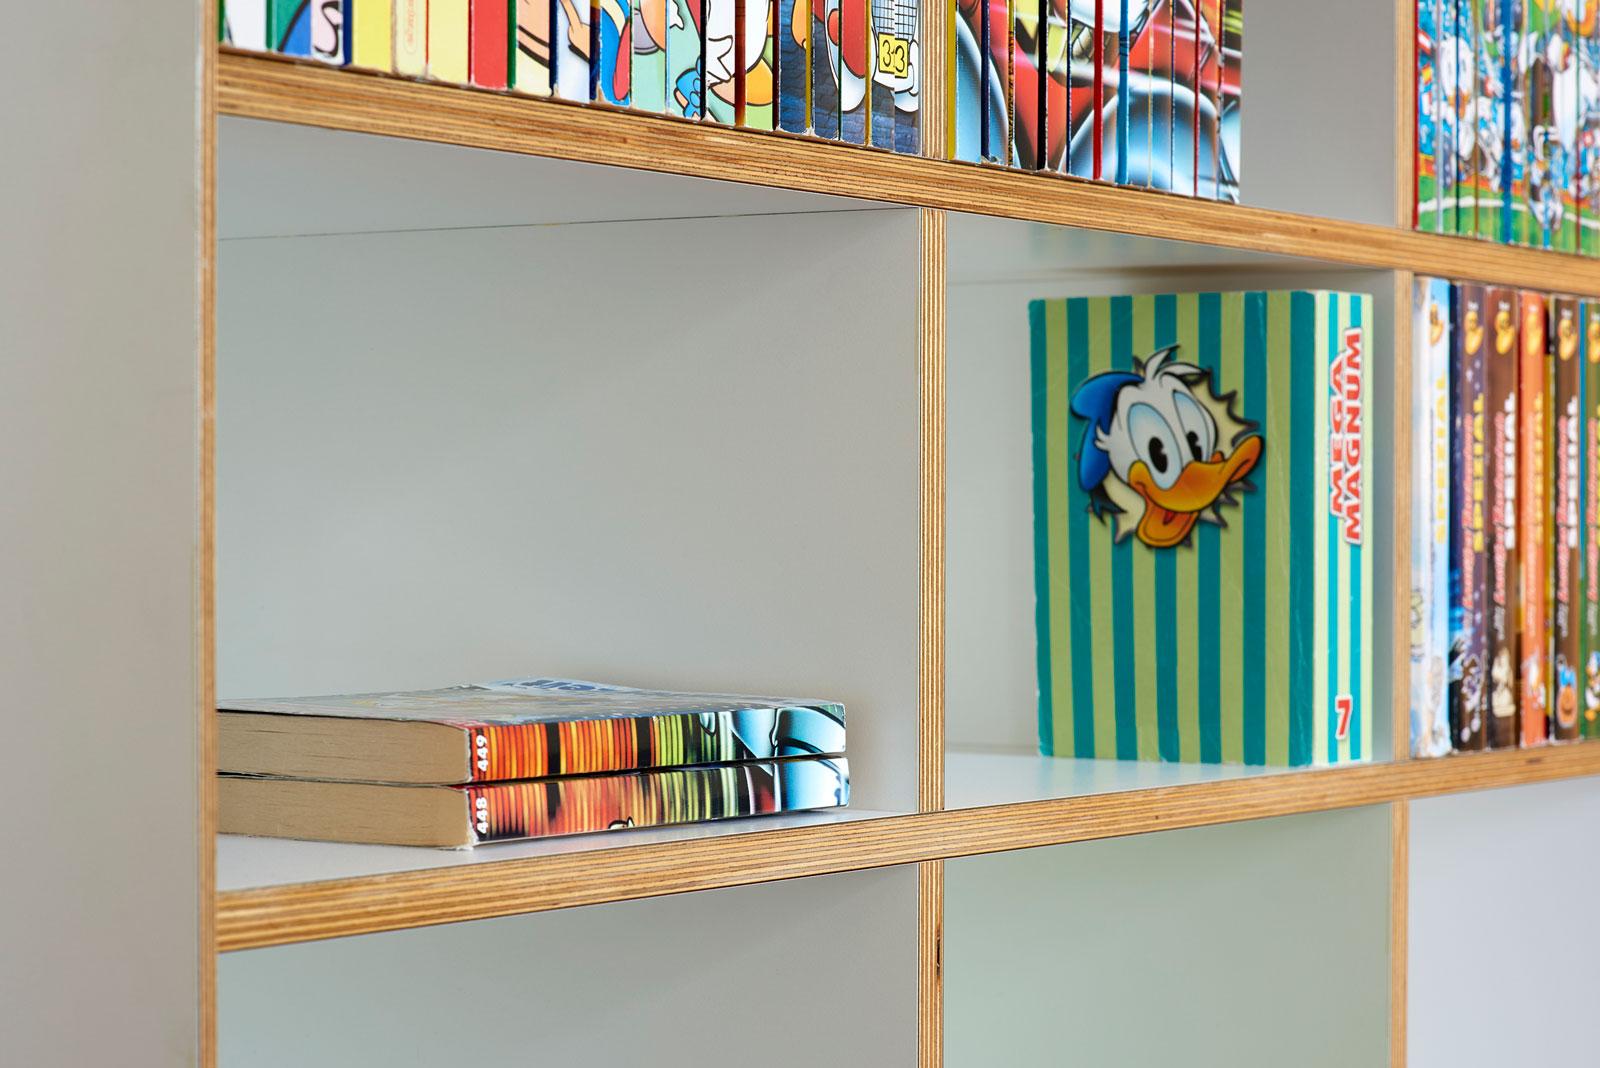 Bücherregal Birkensperrholz; Design Küchler Design GmbH, Foto Alain Bucher